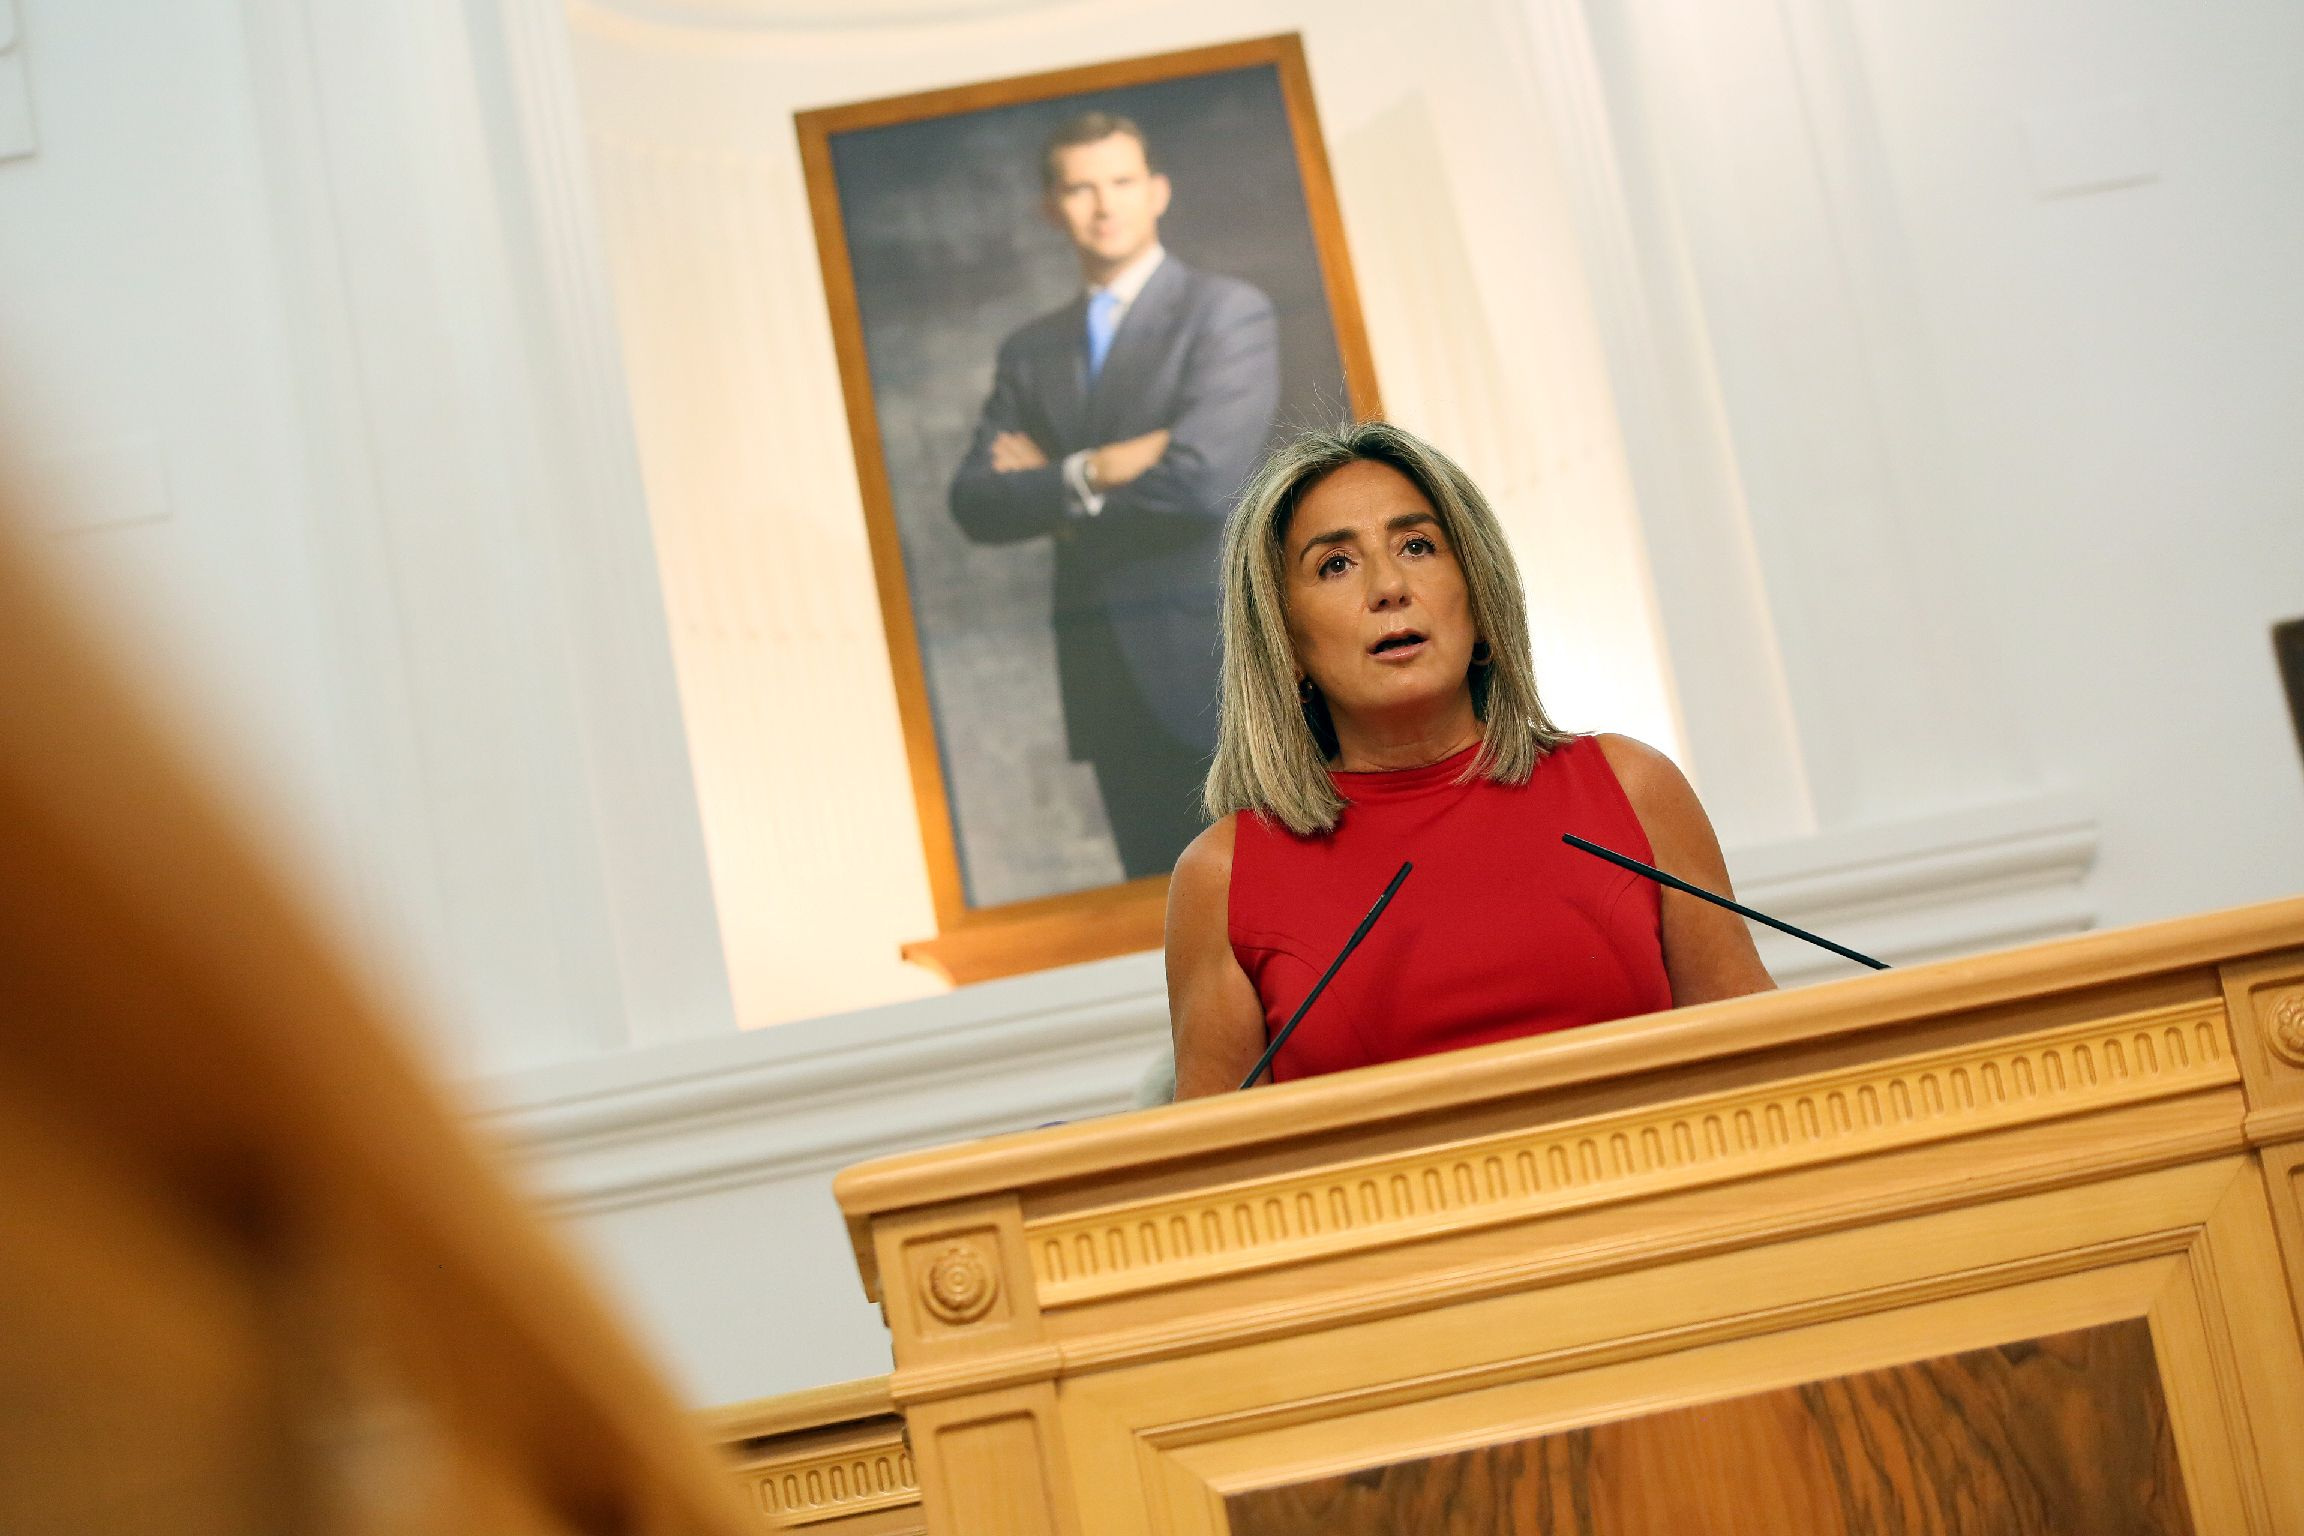 La alcaldesa anuncia una nueva ampliación de suelo industrial de 1,5 millones de metros cuadrados para la instalación de empresas